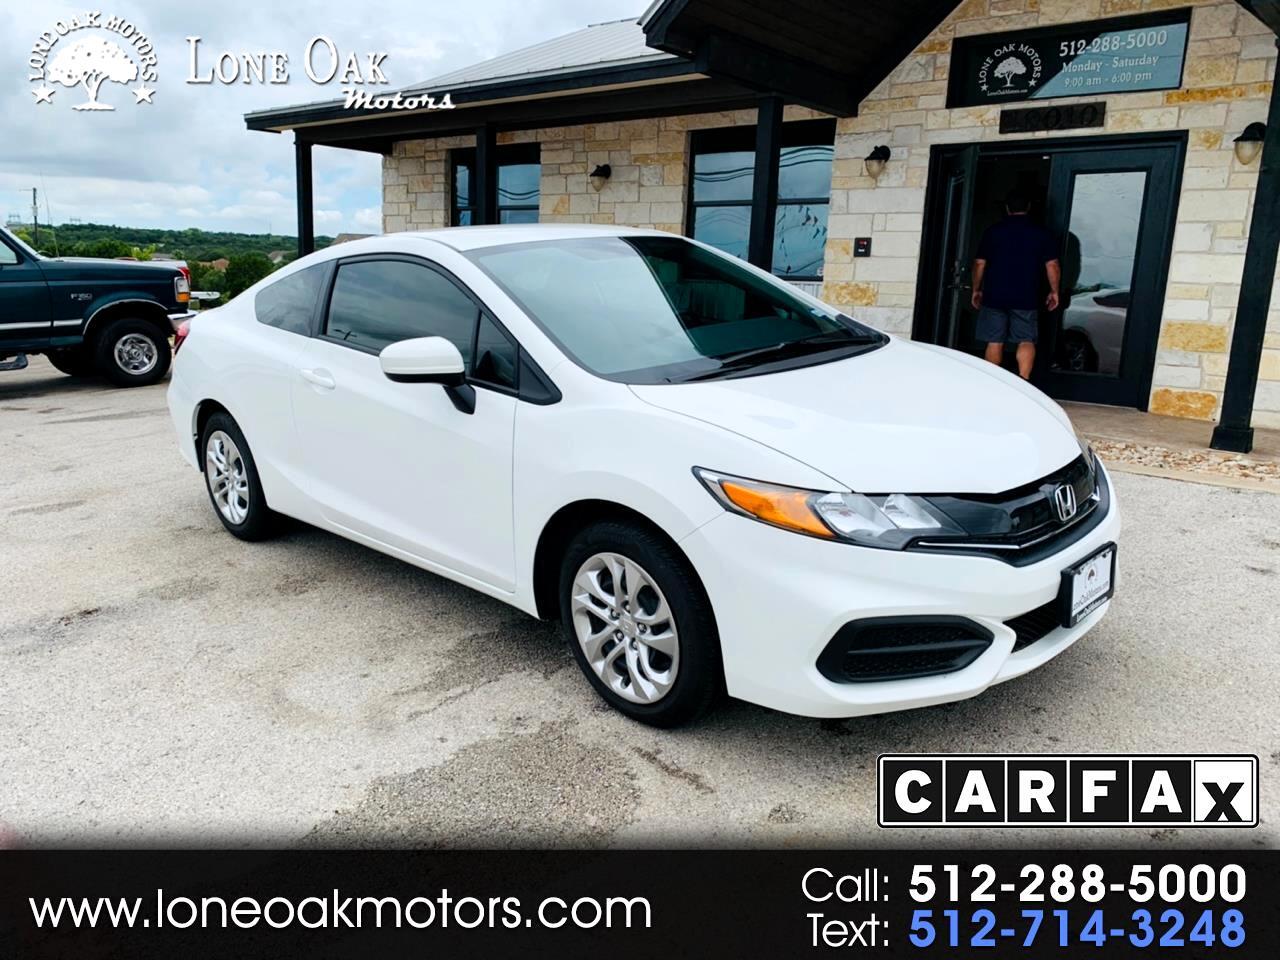 2015 Honda Civic Coupe 2dr CVT LX